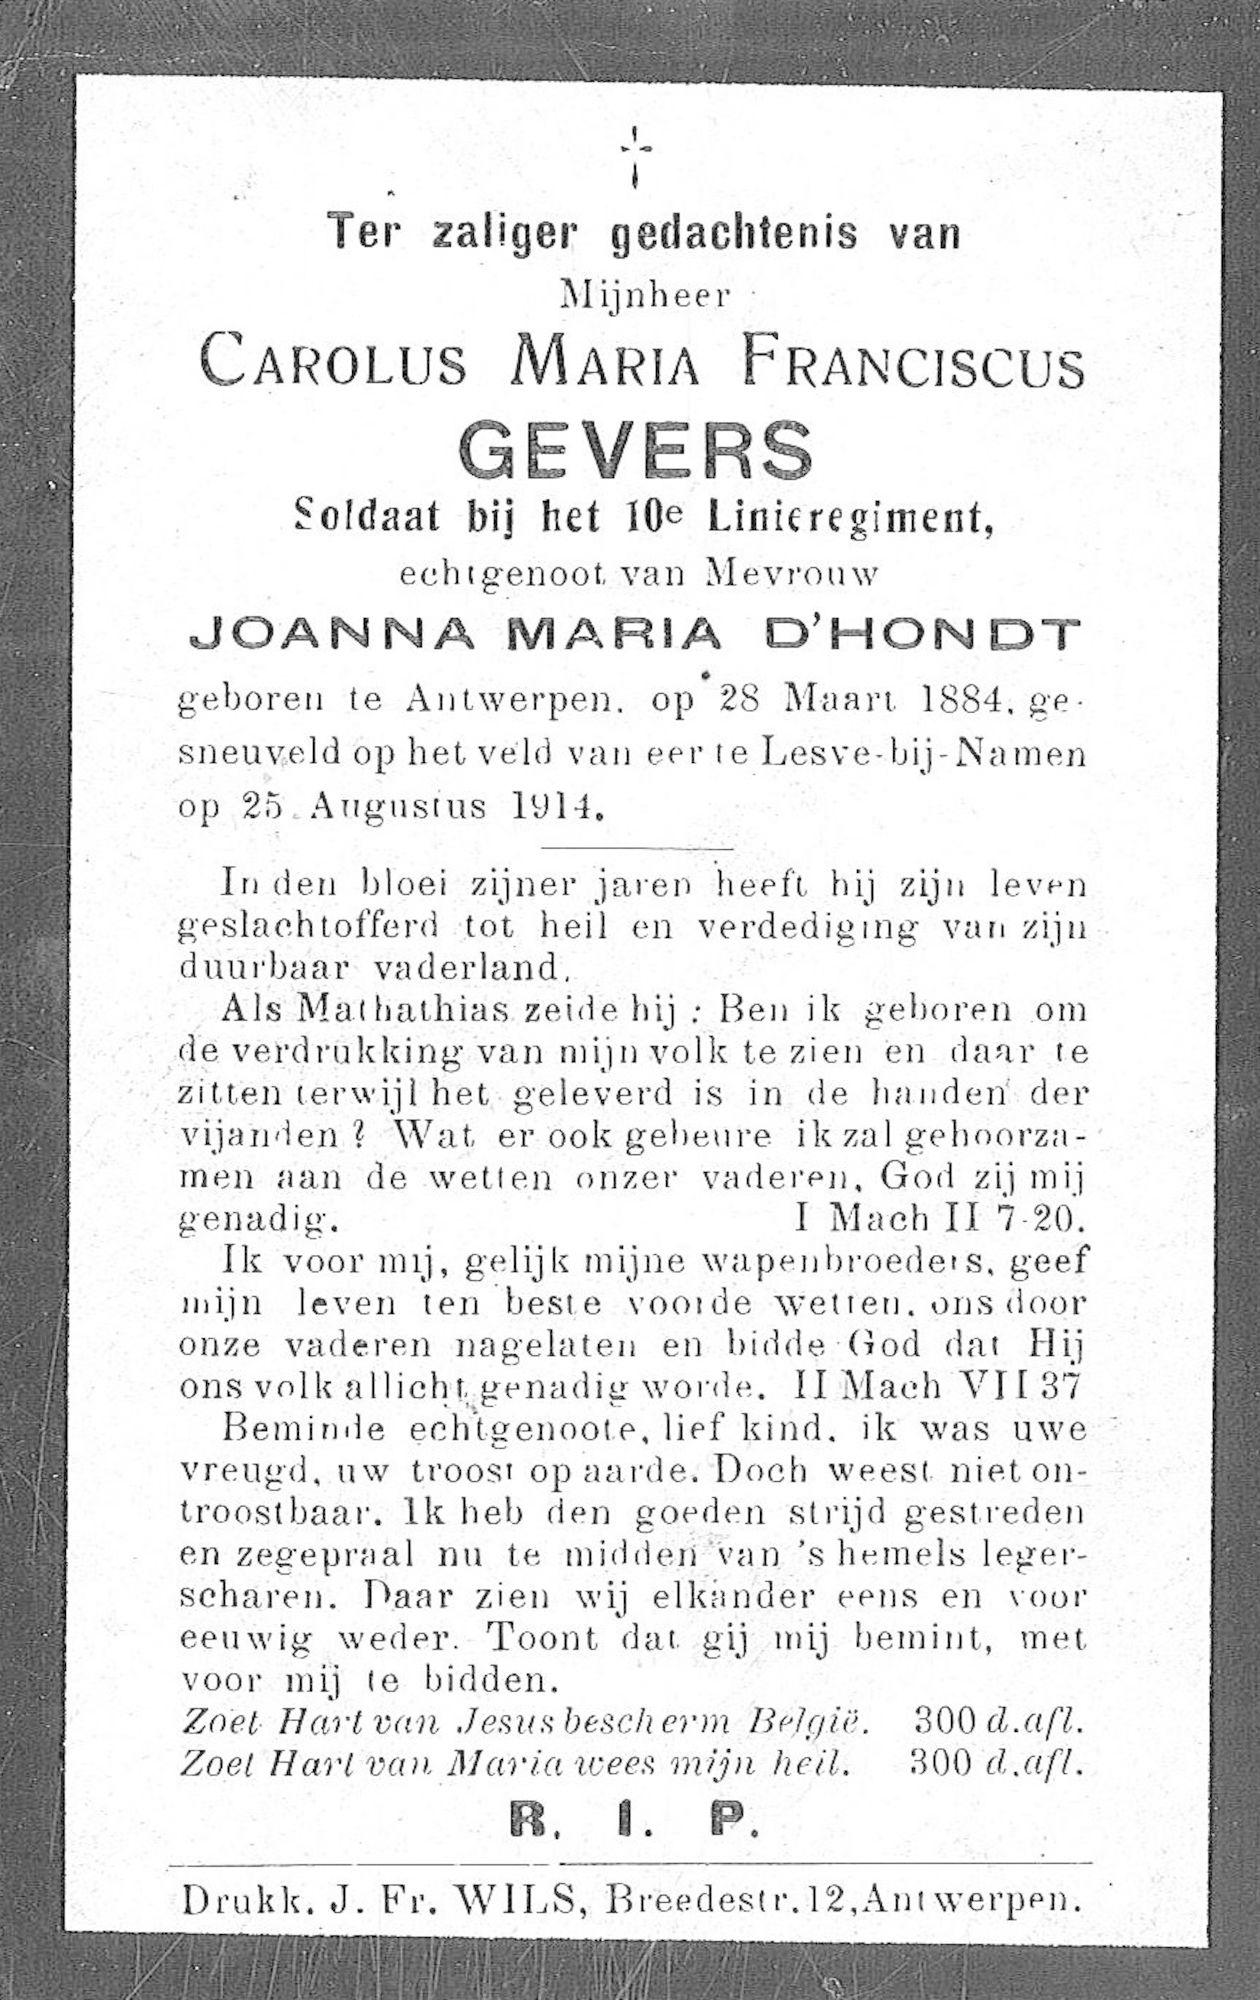 Carolus Maria Franciscus Gevers